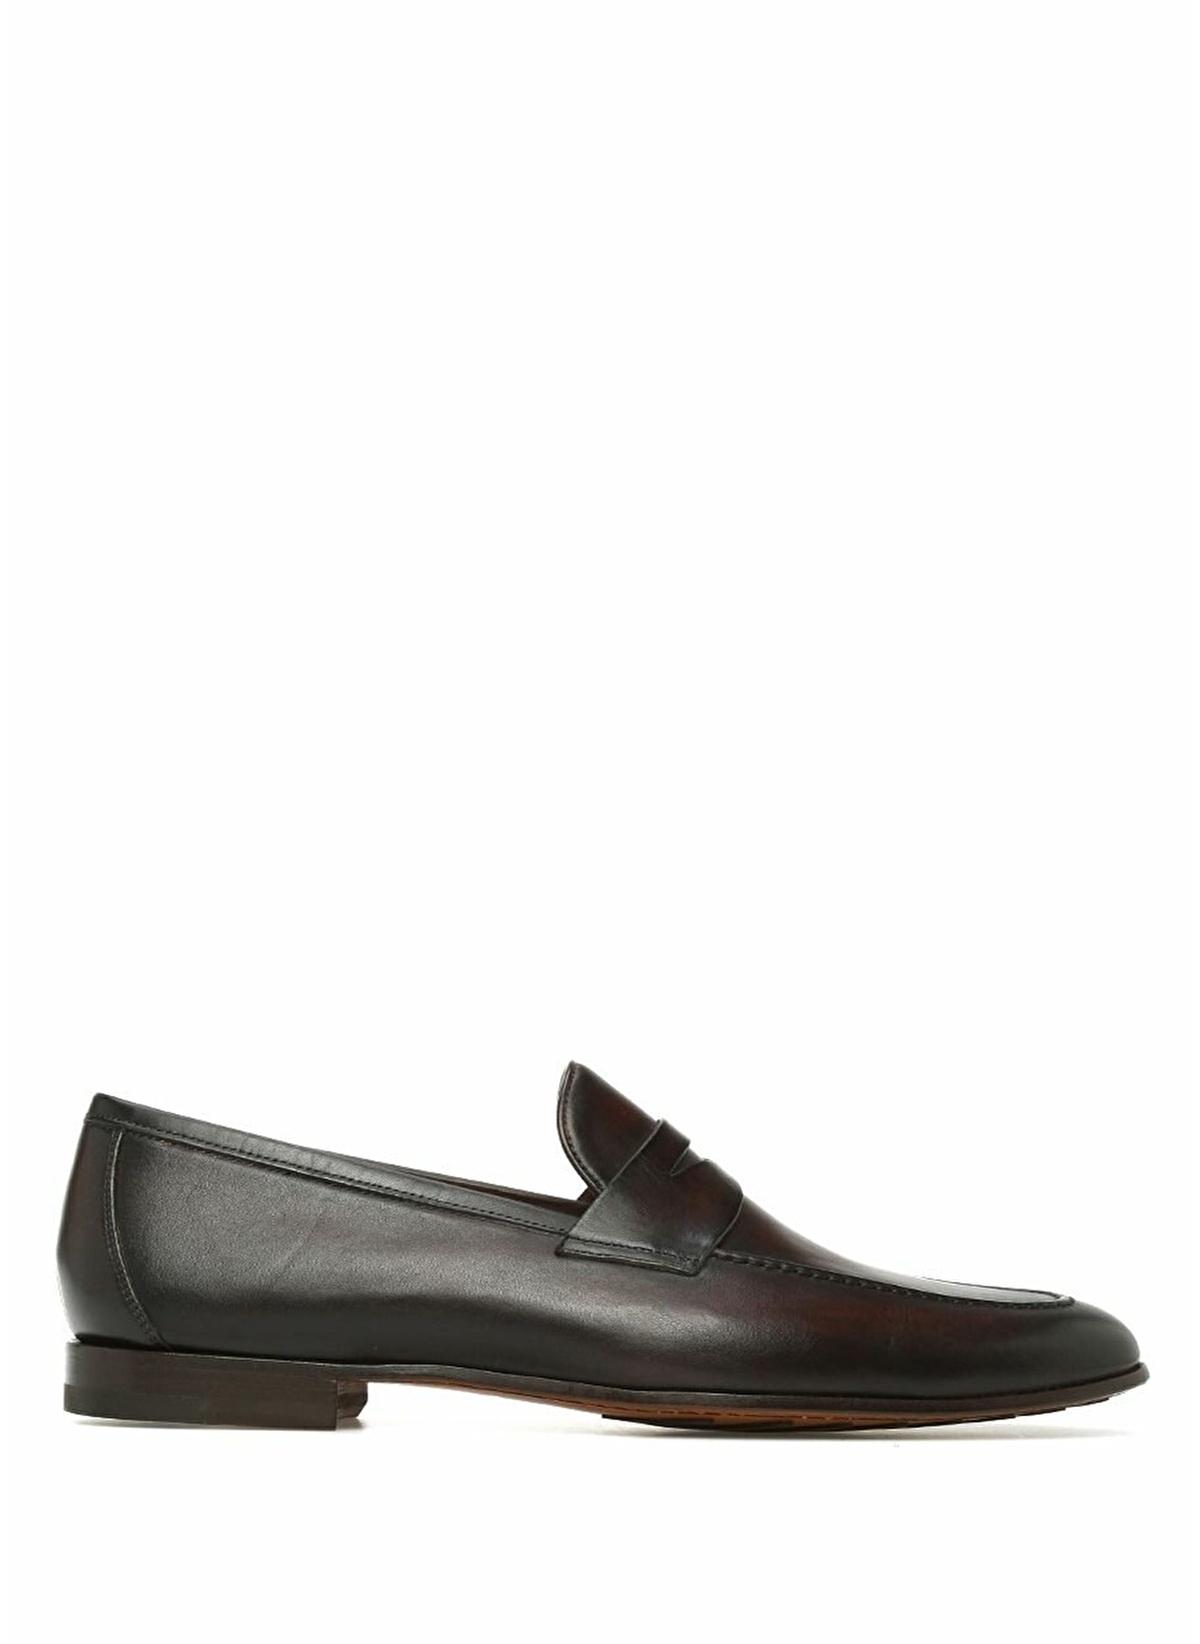 Magnanni Ayakkabı 101390679-e-loafer – 1449.0 TL